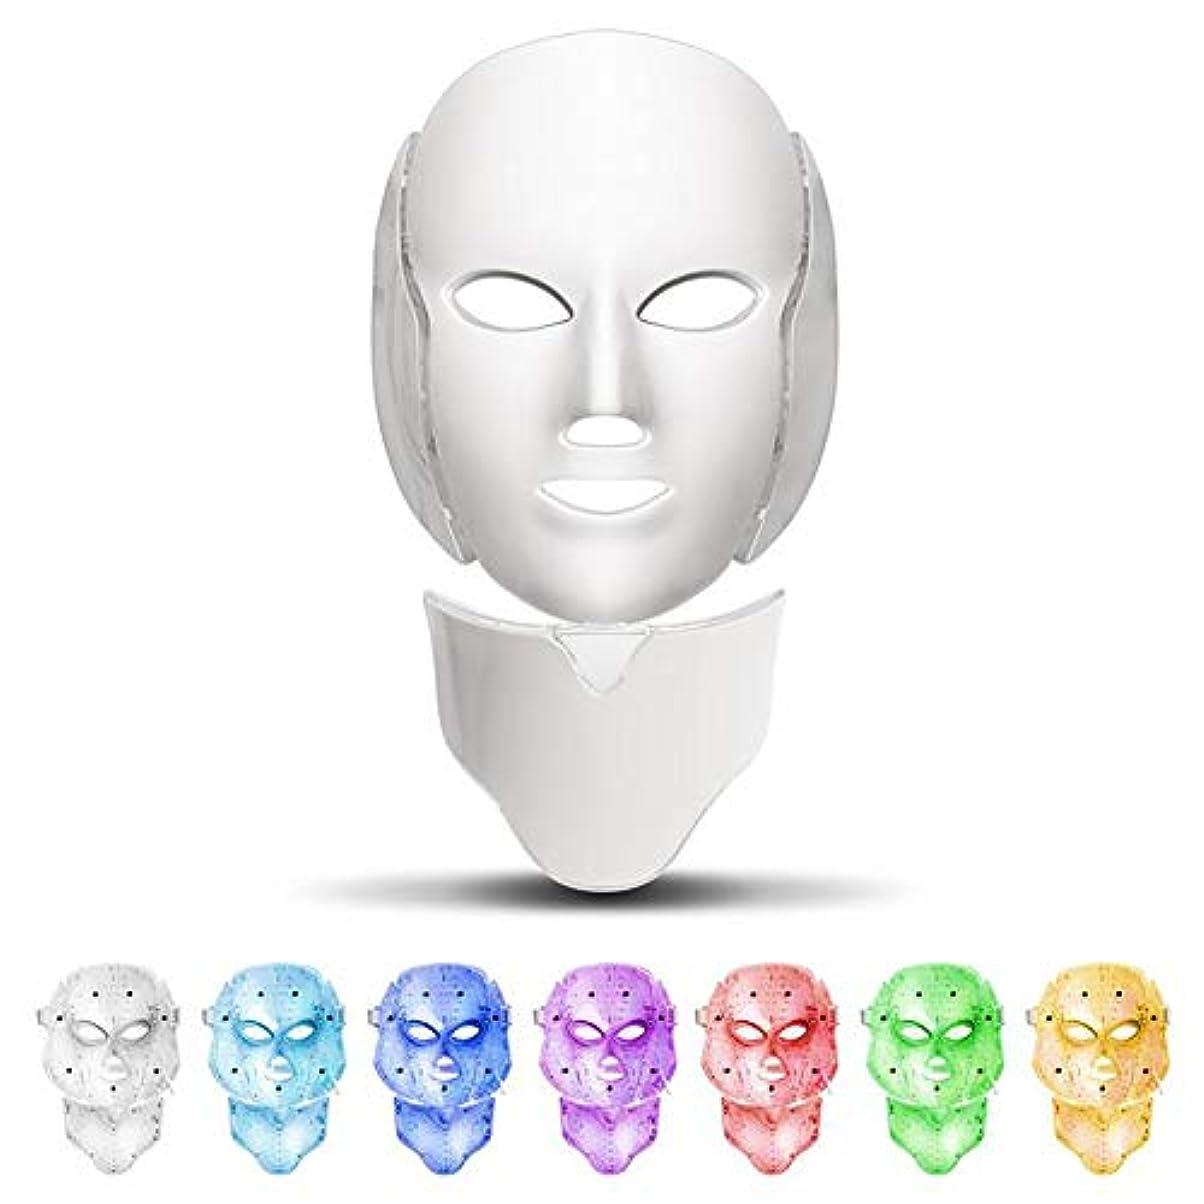 対称周辺本土7色フェイシャルマスク、顔と首ネオン輝くLEDフェイスマスク電気顔スキンケア顔肌美容